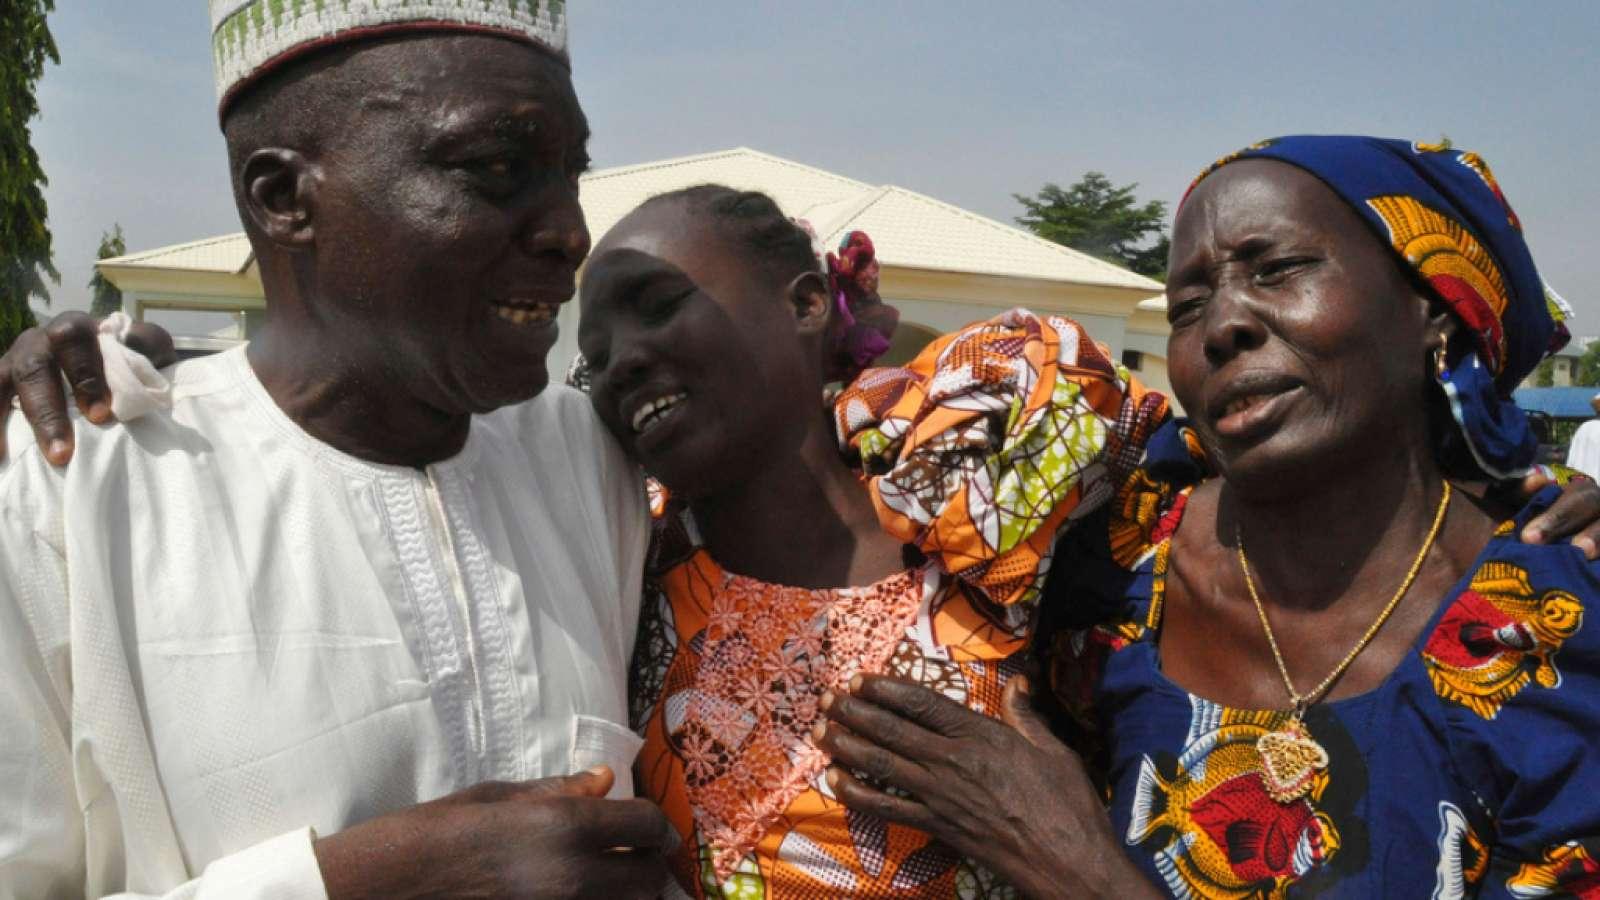 Wiedervereinigung am Samstag in Abuja - es gab innige Umarmungen, Schluchzen und Freudentränen.